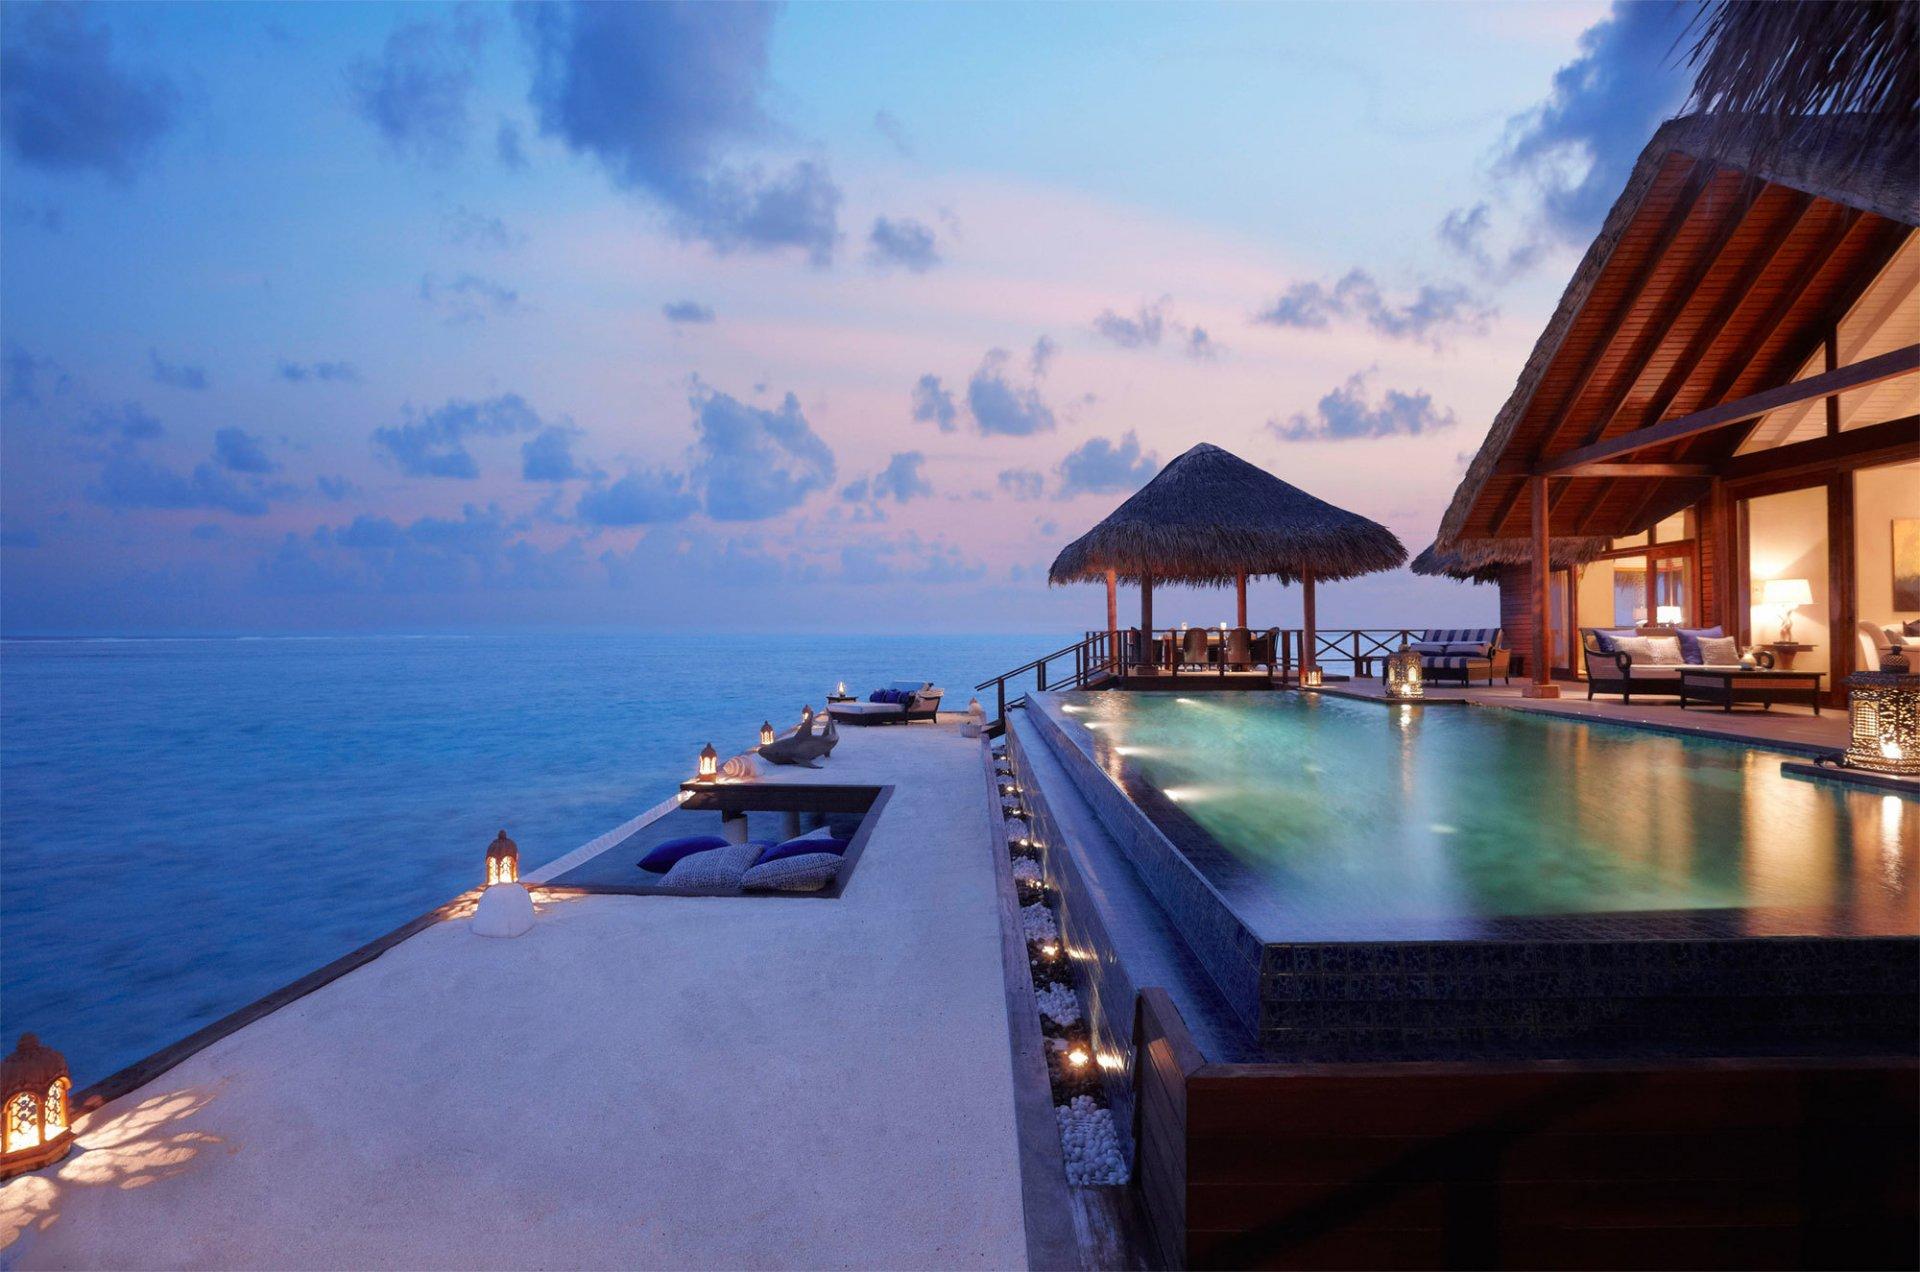 Лучшие отели мира фото для отдыха